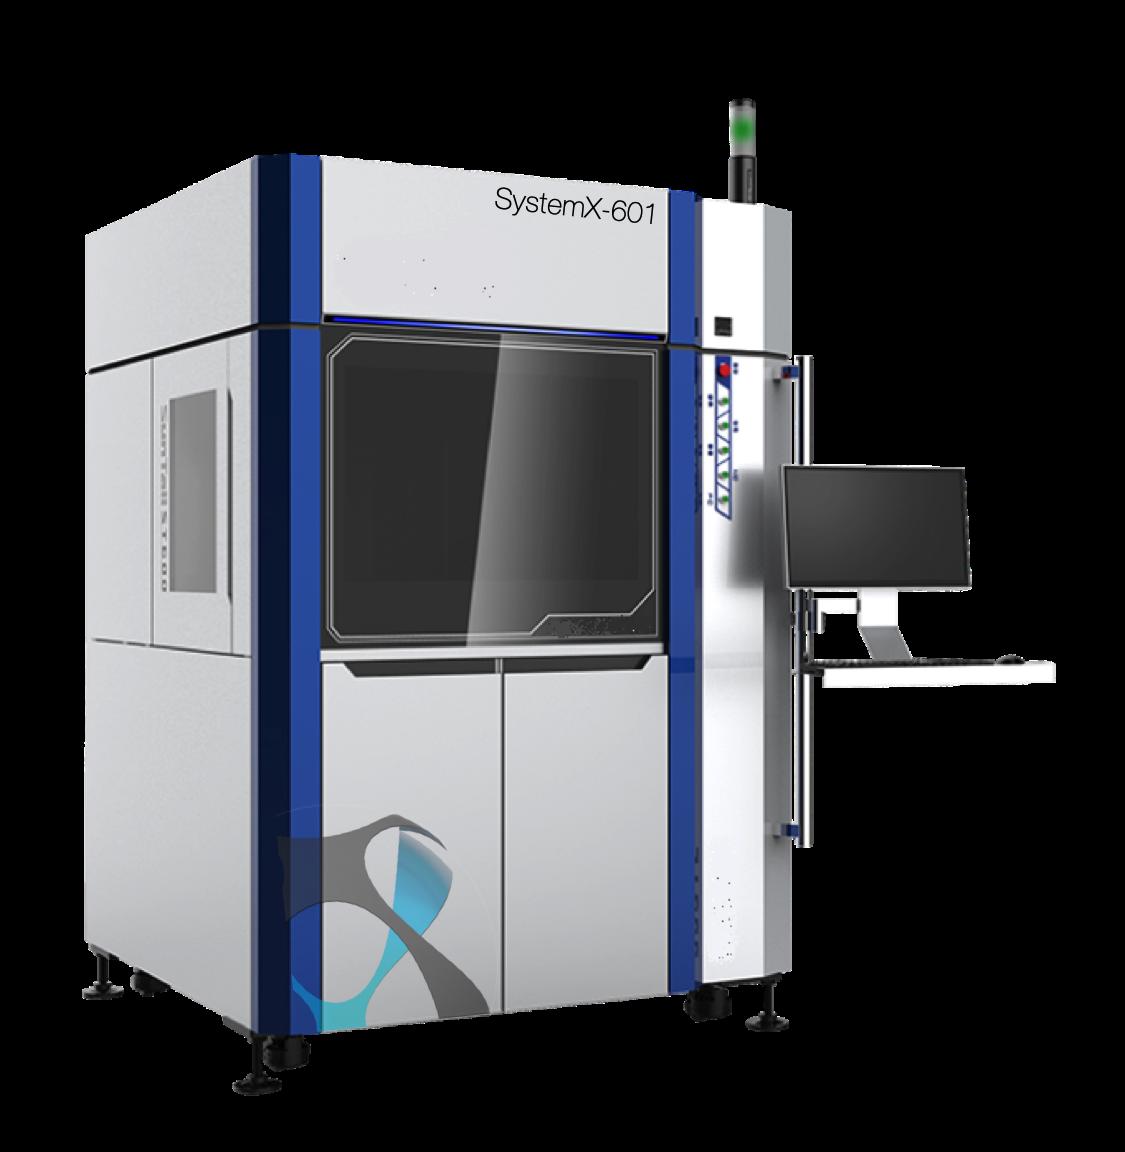 Imprimante 3D SLA SystemX-601, solution industrielle pour imprimer des pièces précises 3D avec des résines DSM Somos